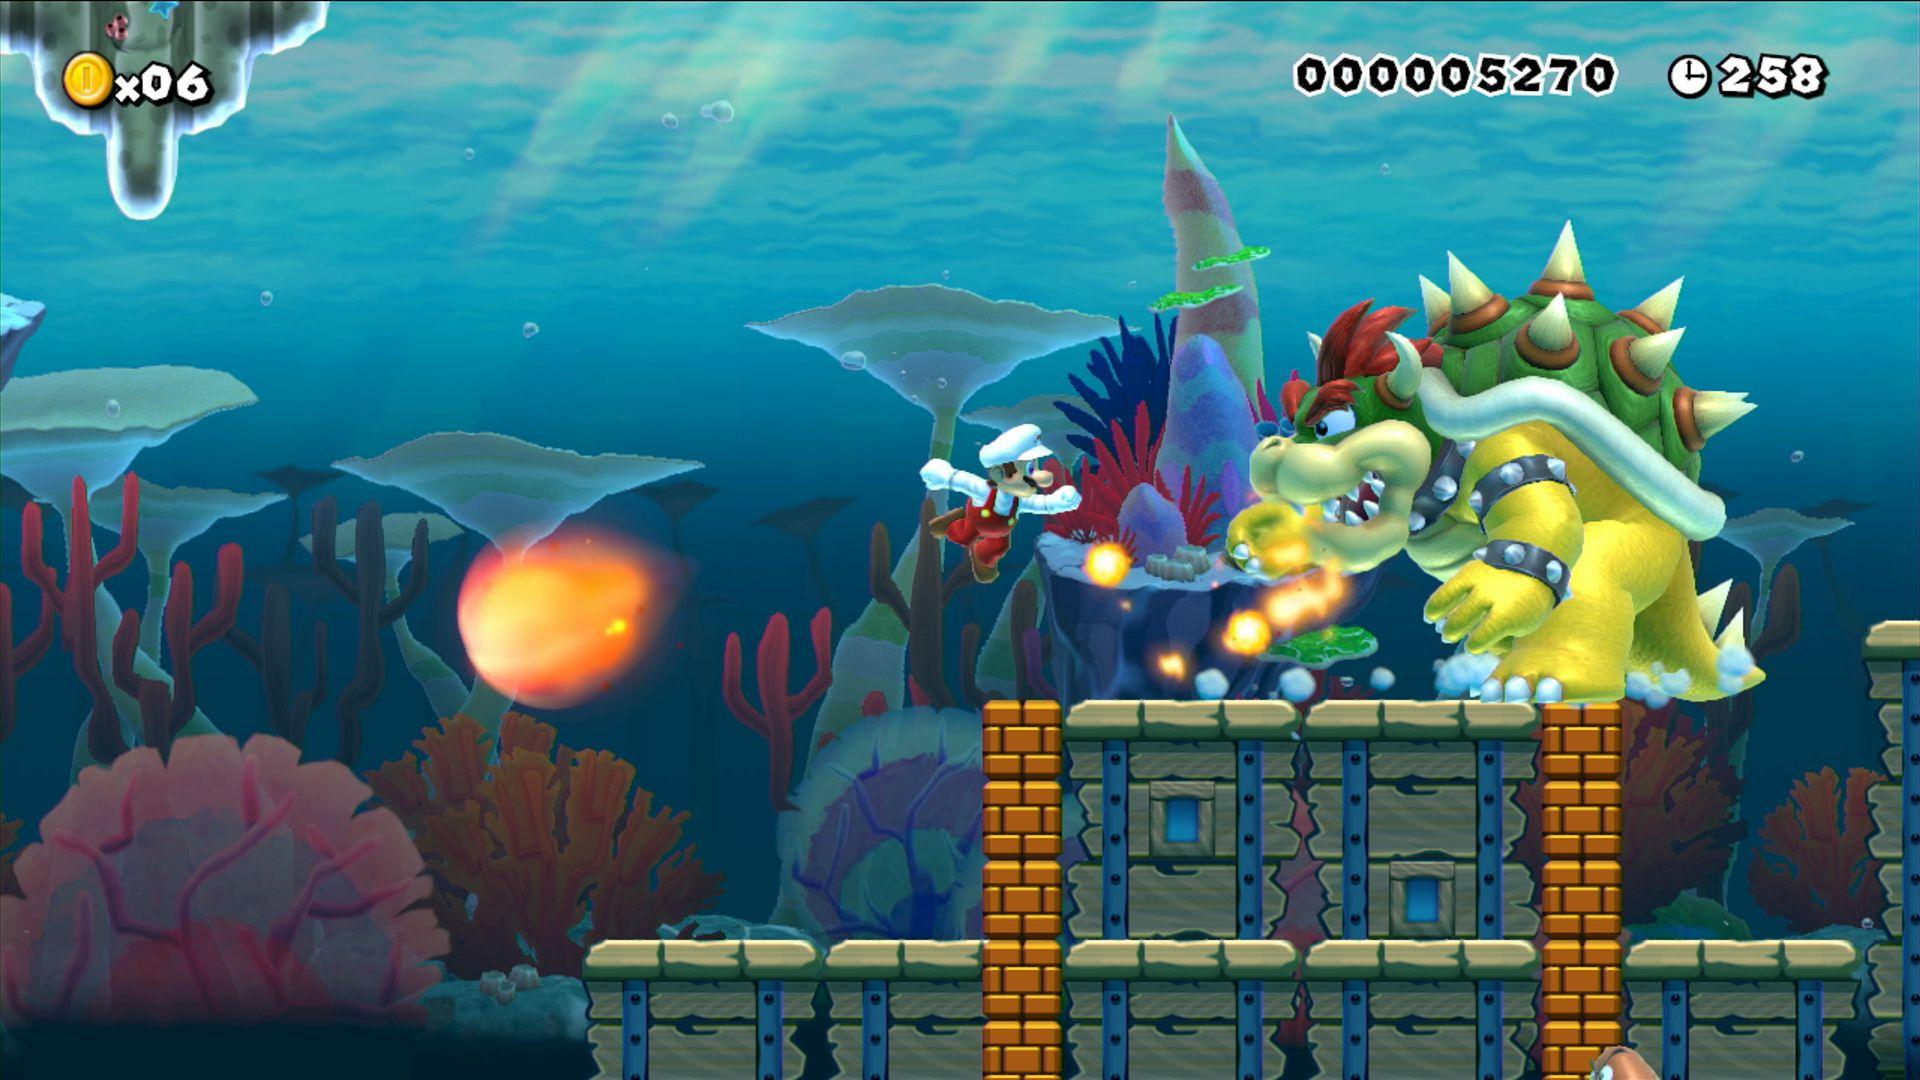 Super Mario Maker - a bigger debut than Splatoon